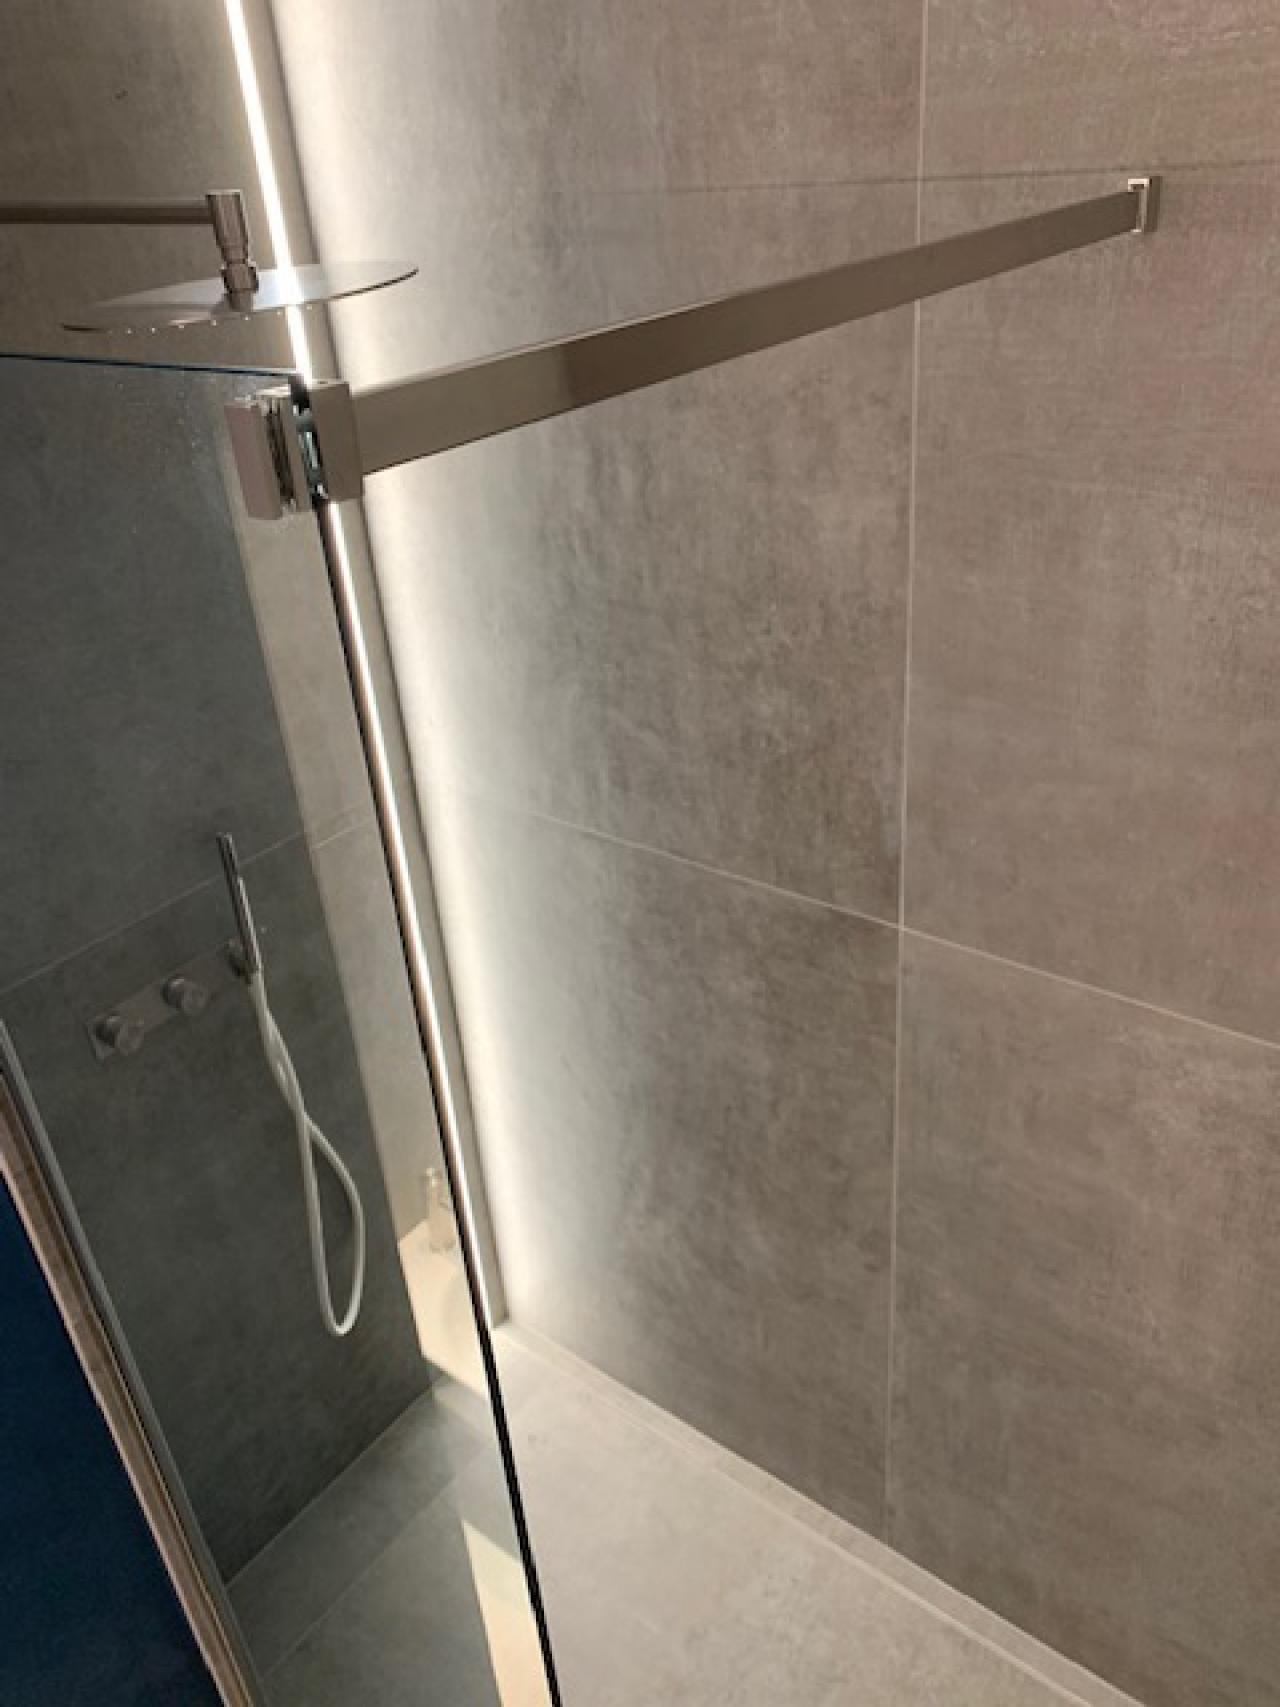 Sesso in il doccia stanza